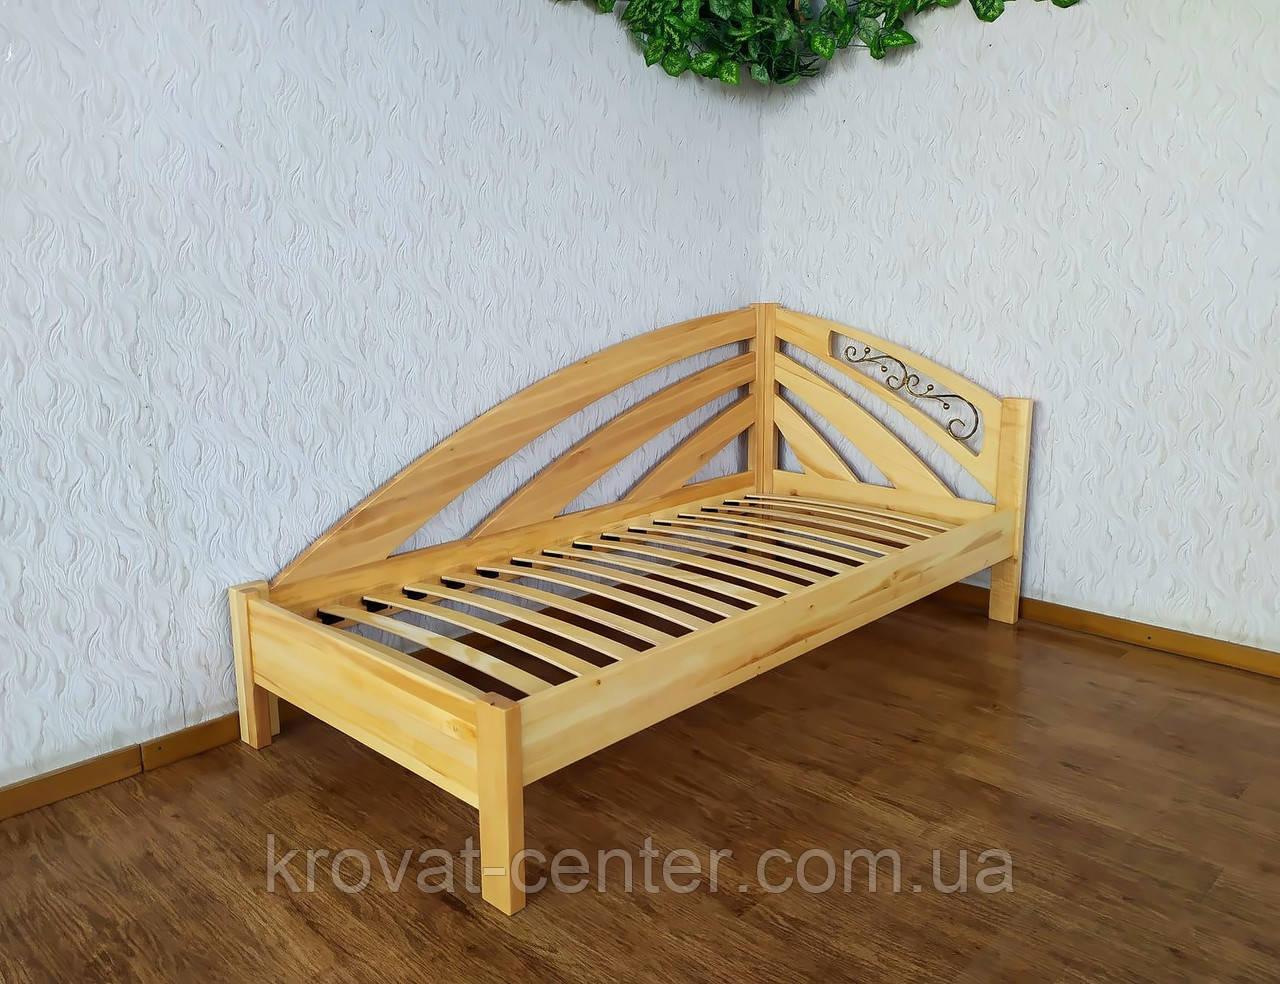 """Односпальне ліжко дерев'яна """"Веселка"""" (колір на вибір)"""